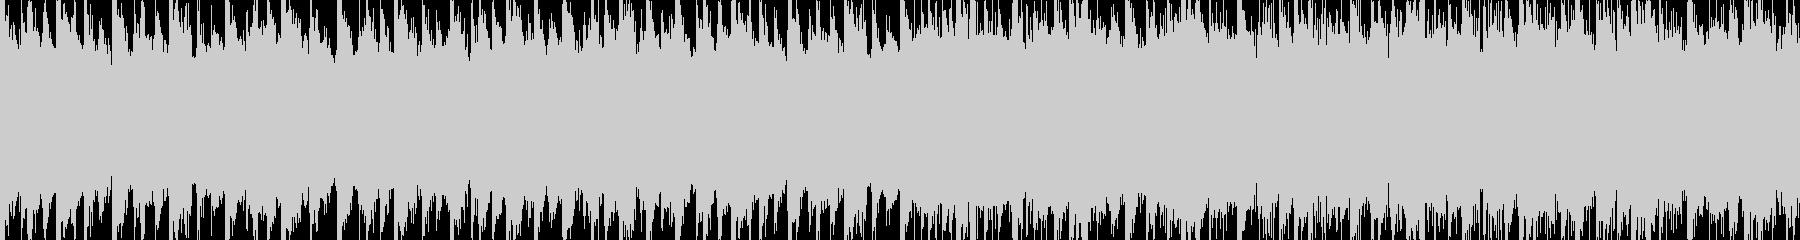 スケールの大きいピアノメインのBGMの未再生の波形